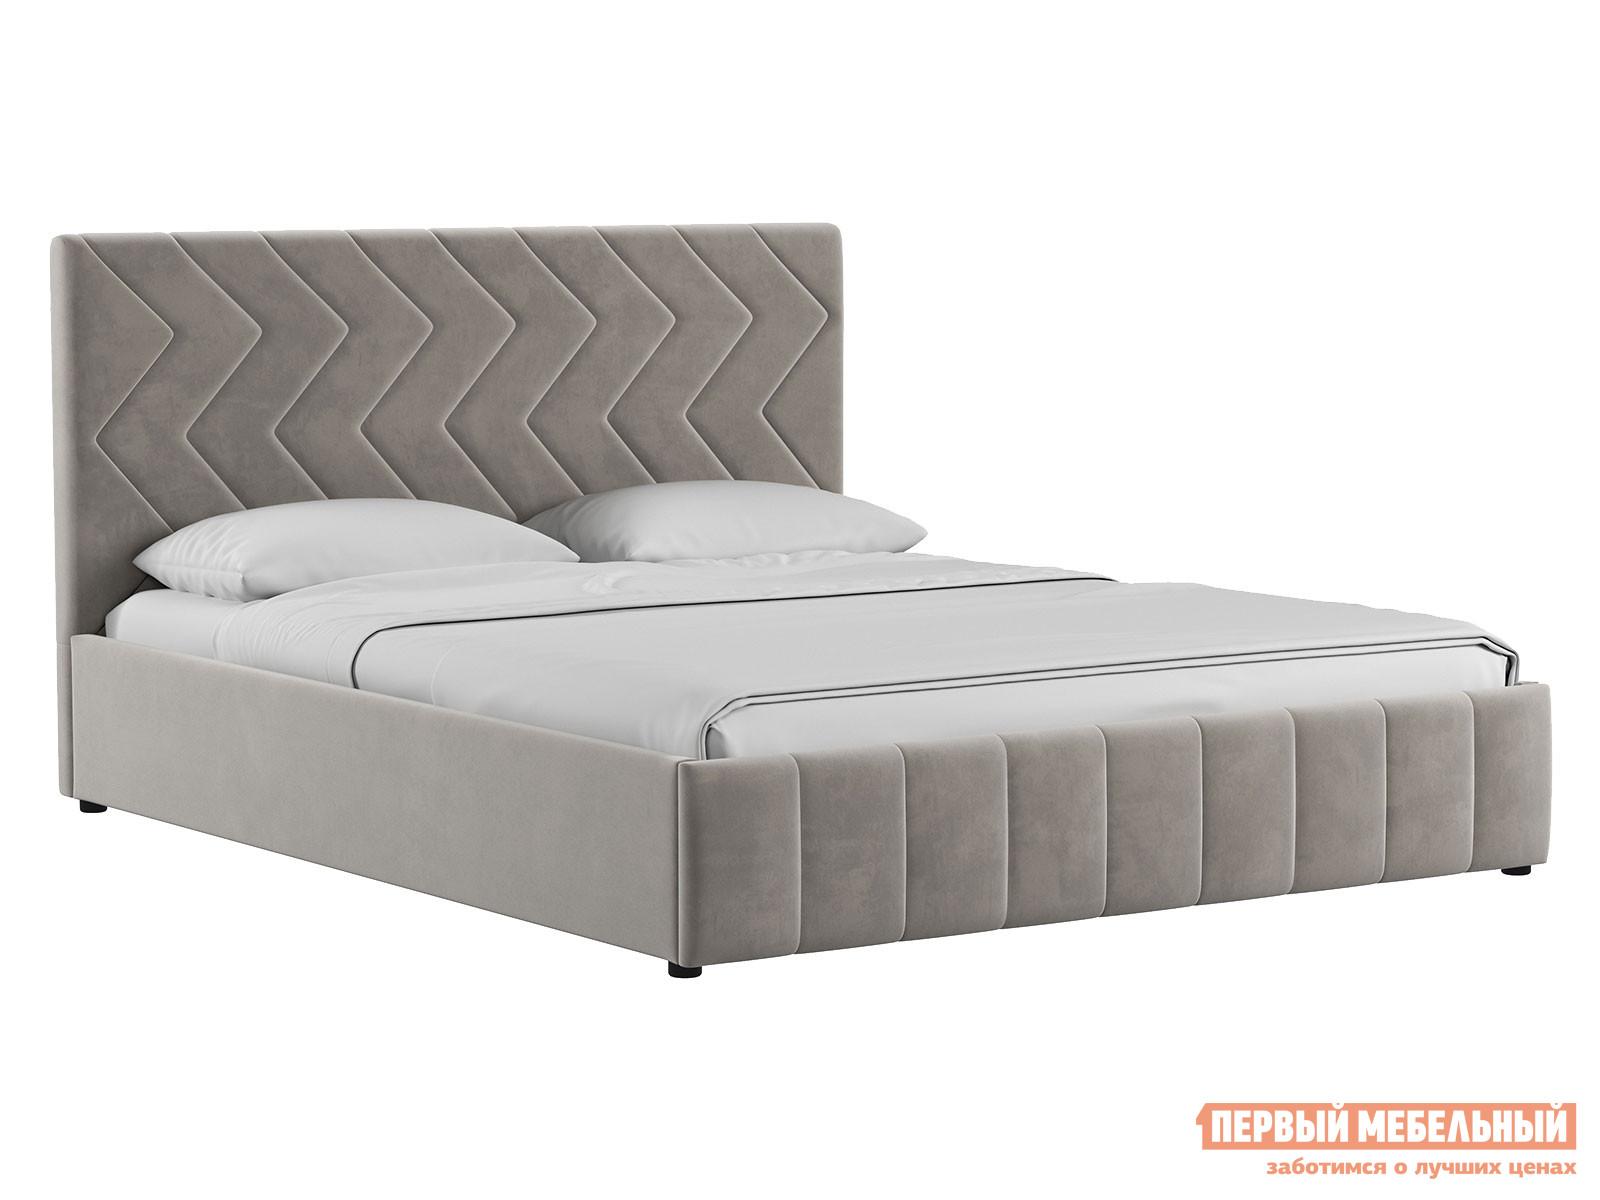 Двуспальная кровать  Кровать Милана с подъемным механизмом 160х200 Светлый кварцевый серый, велюр